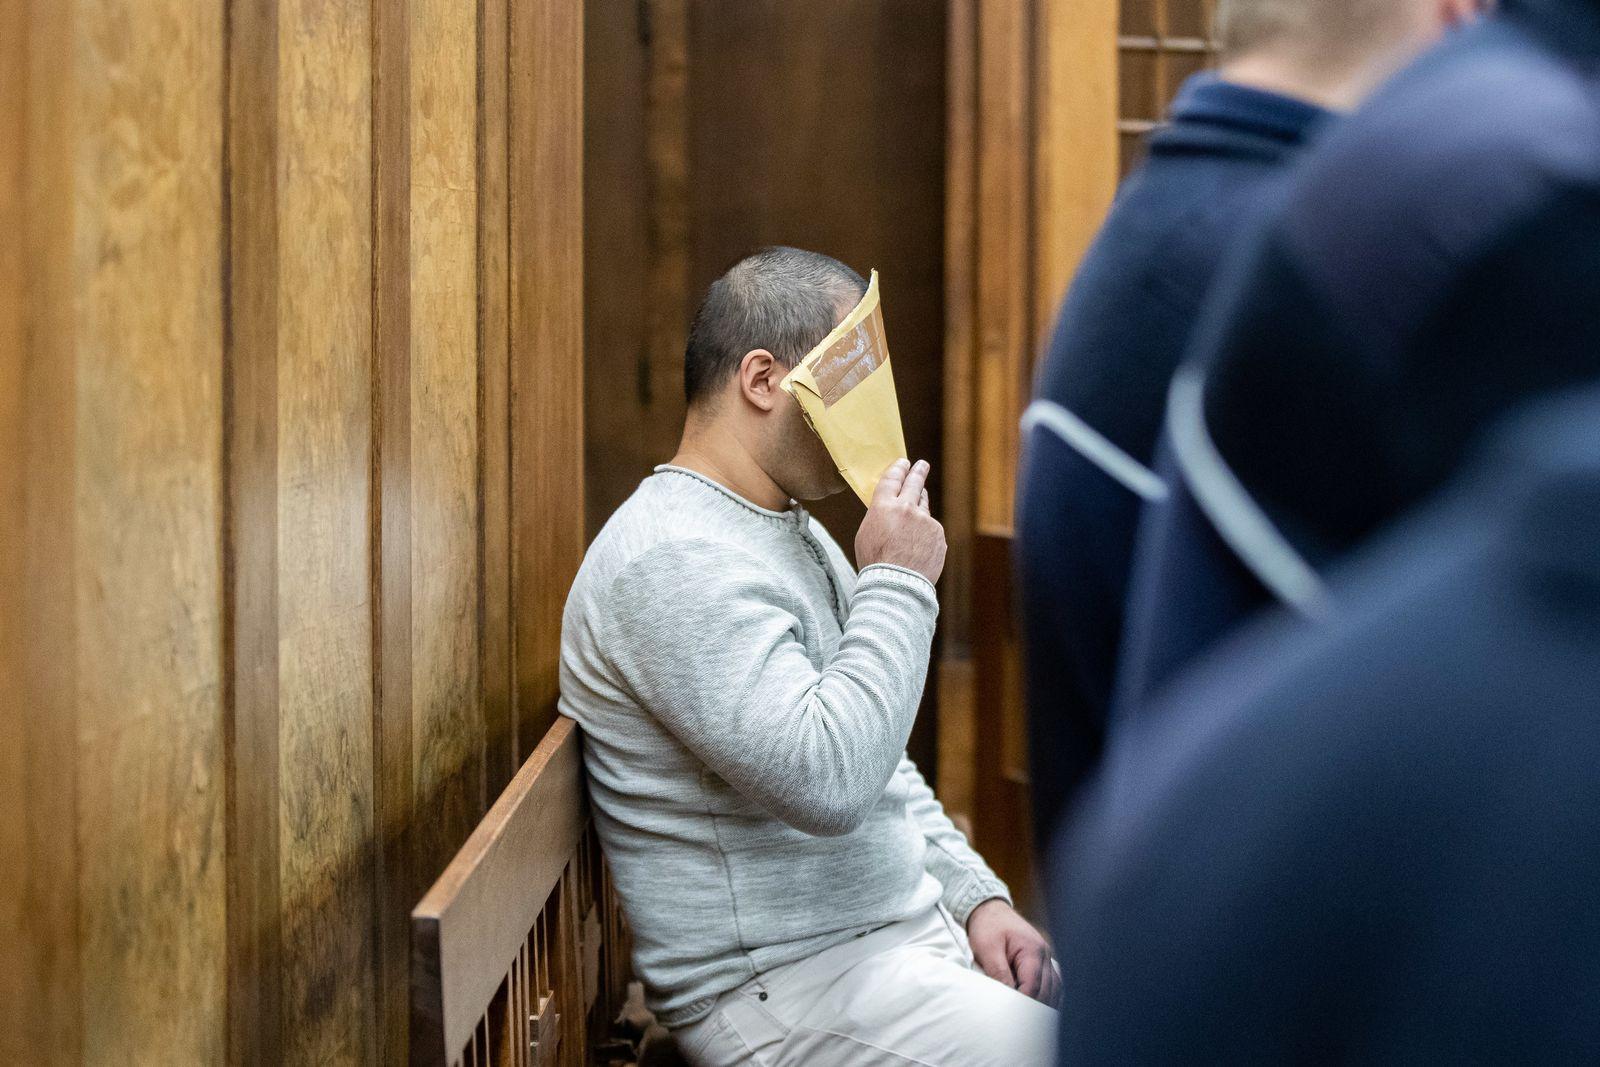 Frau vor Zug gestoßen - Prozess gegen 28-Jährigen